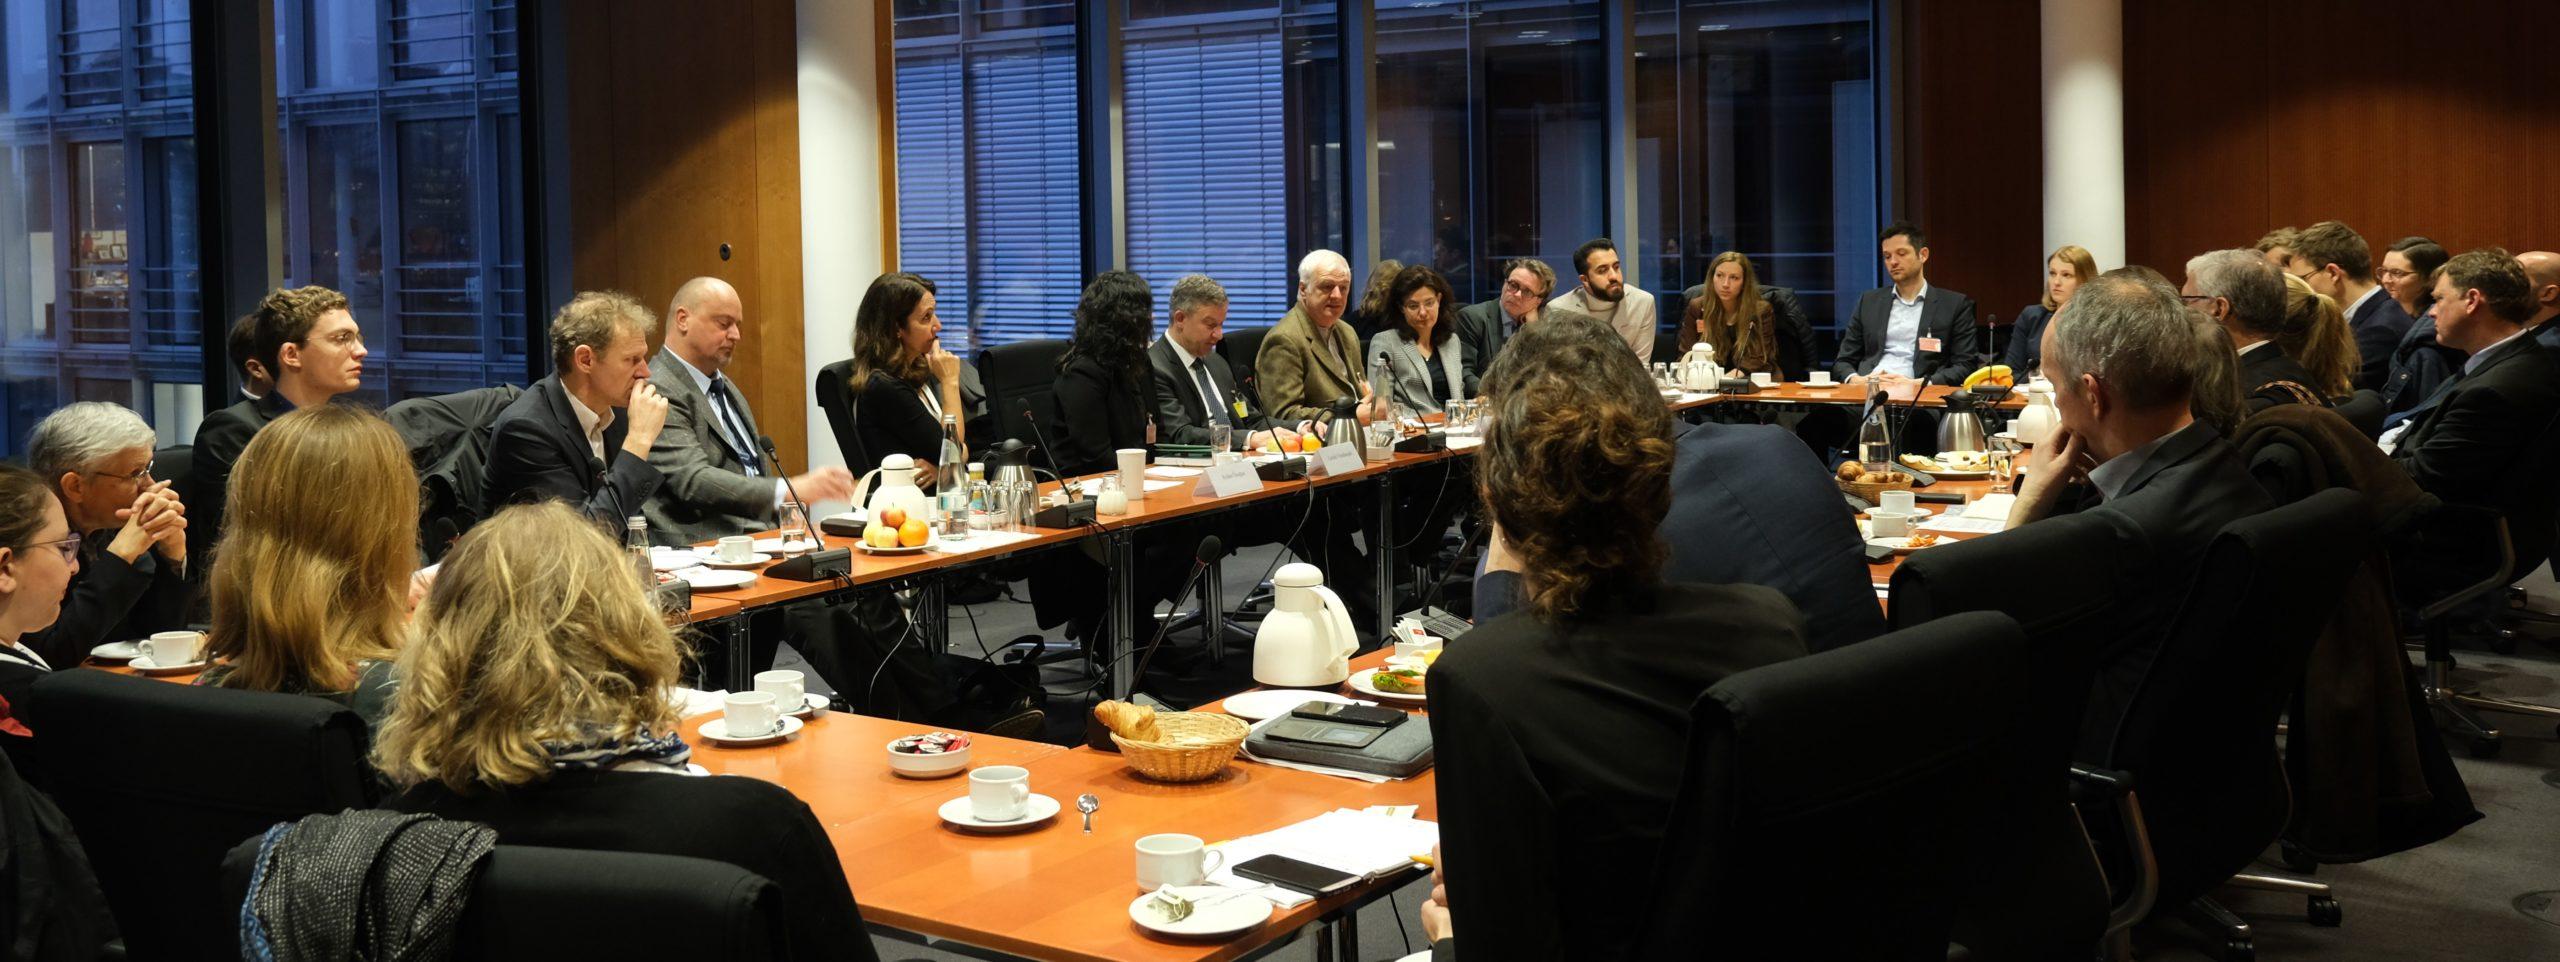 Roundtable der Berghof Foundation zu Afghanistan im Deutschen Bundestag